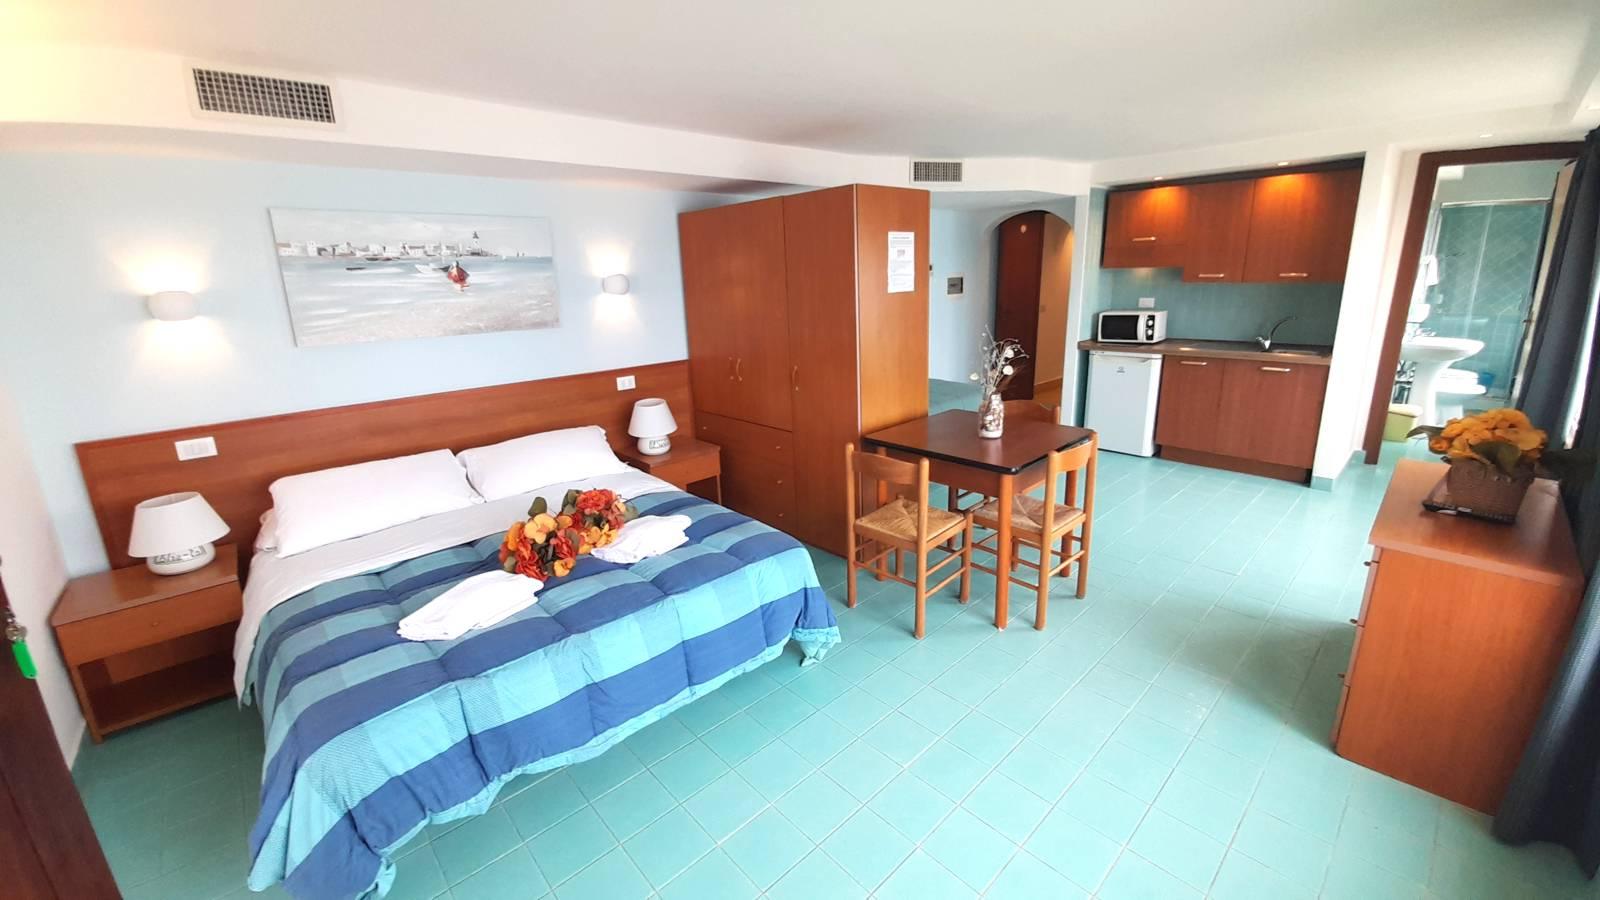 elianto_residence_anzio_appartamenti_fronte_mare_hotel_orchidea_interno_28